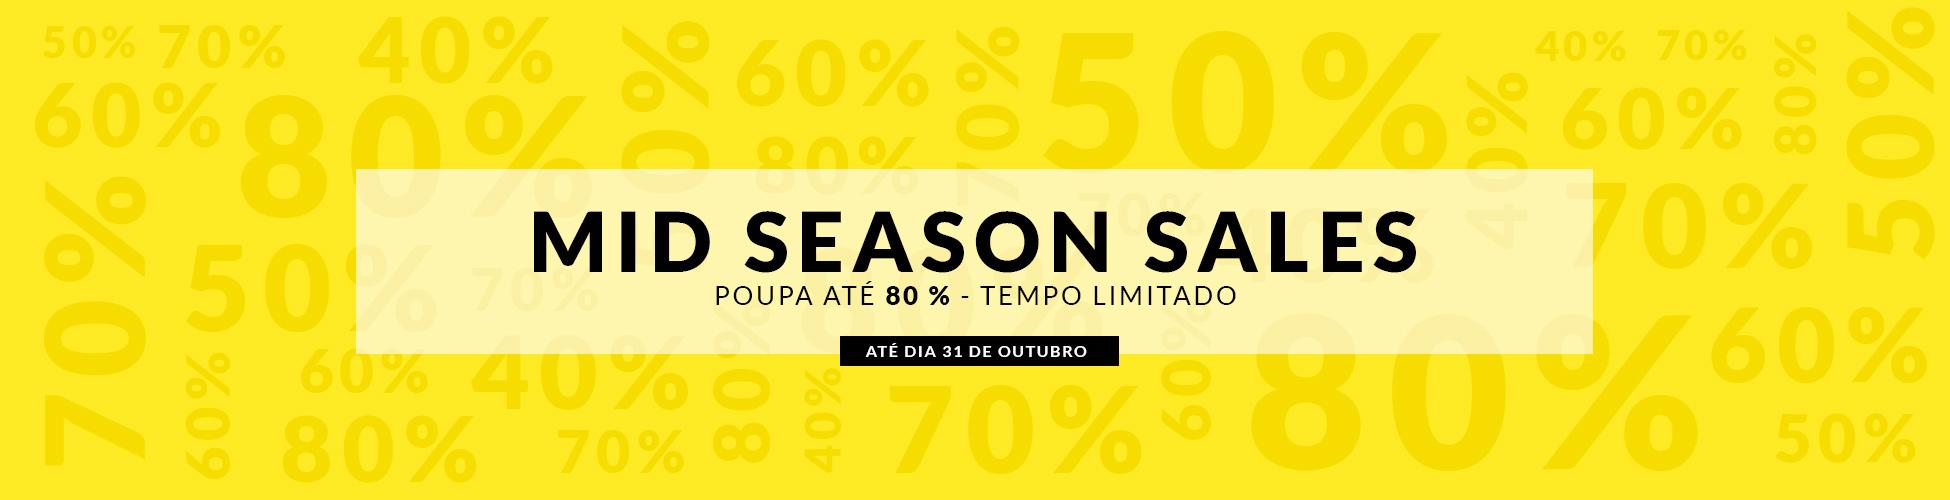 Mid Sesion Sales PT